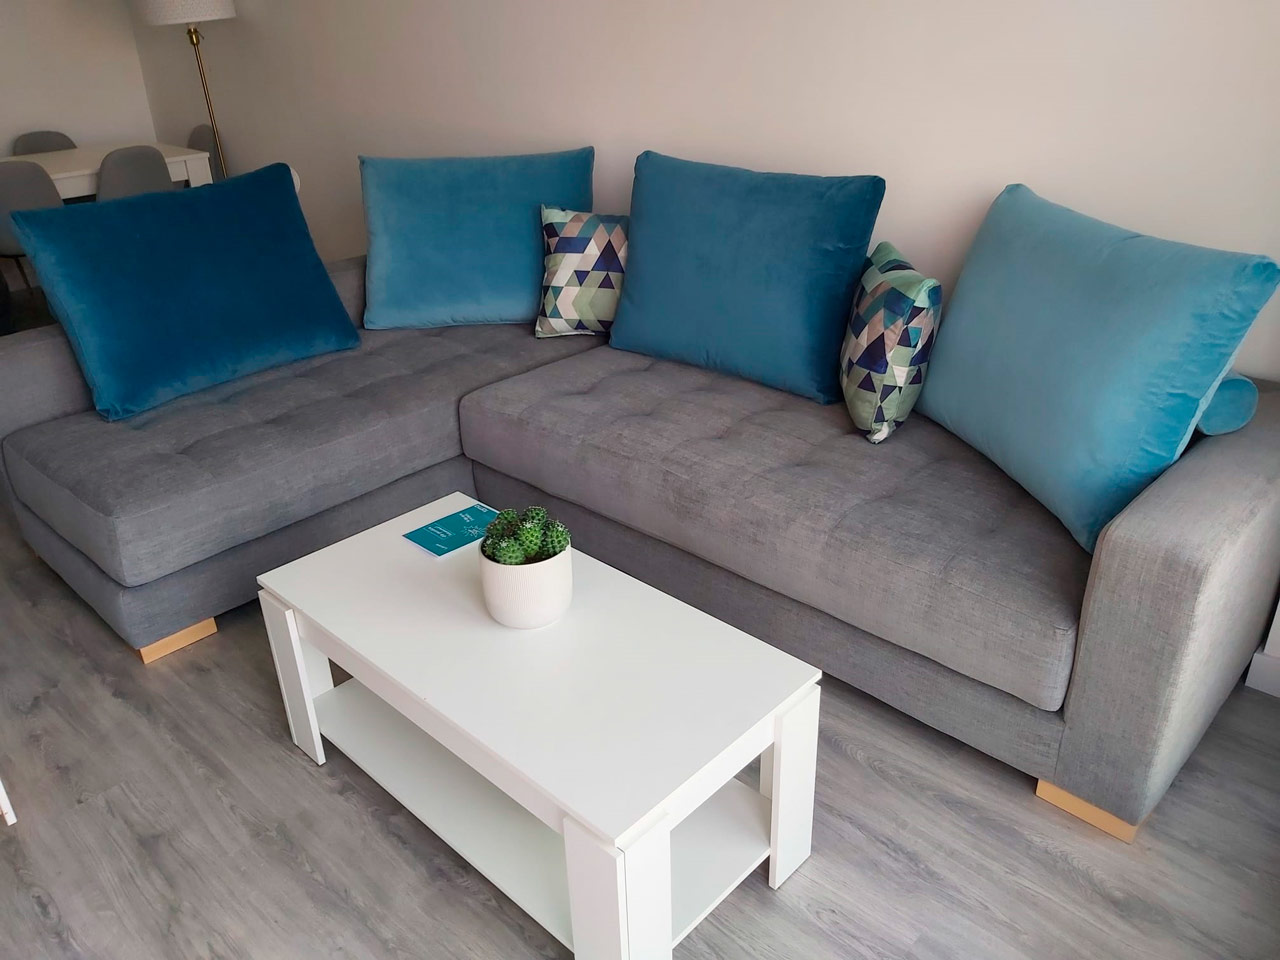 Entregas a clientes Famaliving Málaga